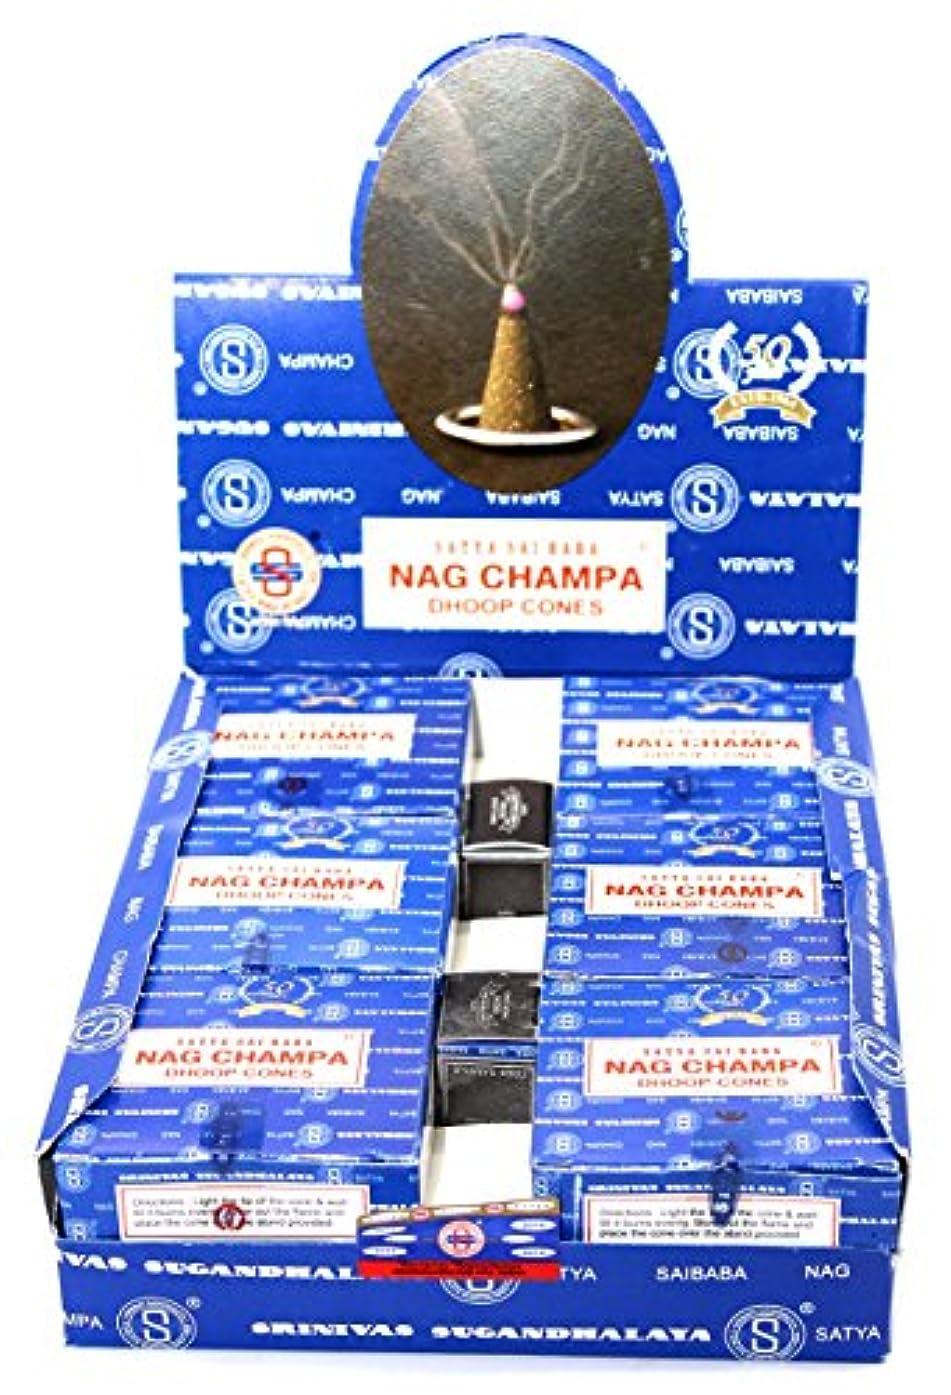 さておきデコラティブ見せますShrinivas Sugandhalaya Satya Sai Baba Nag Champa Incense Dhoop Cones, 144 Cones by Shrinivas Sugandhalaya